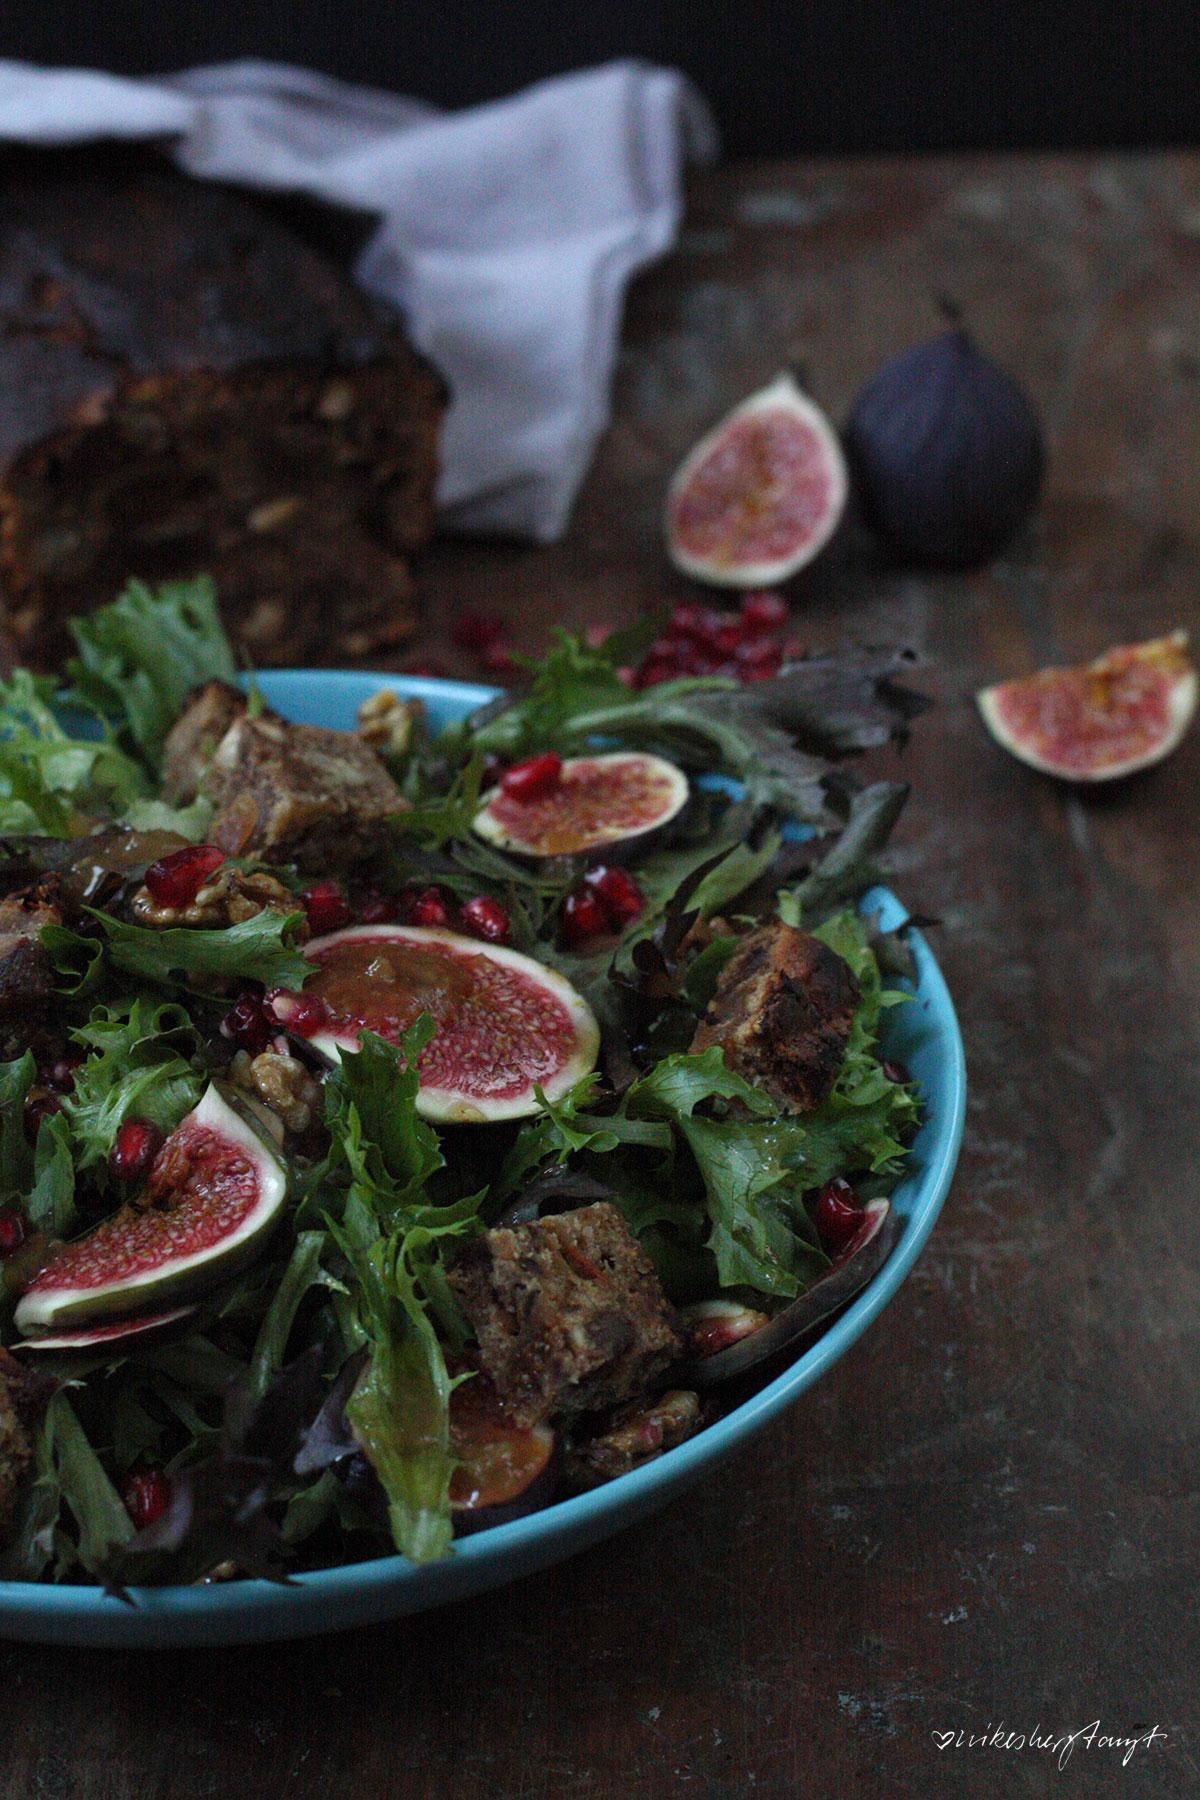 grüner salat, frische feigen, karamellisierte walnüsse, granatapfelkerne, früchtebrot, food, blog, vegan, nikesherztanzt